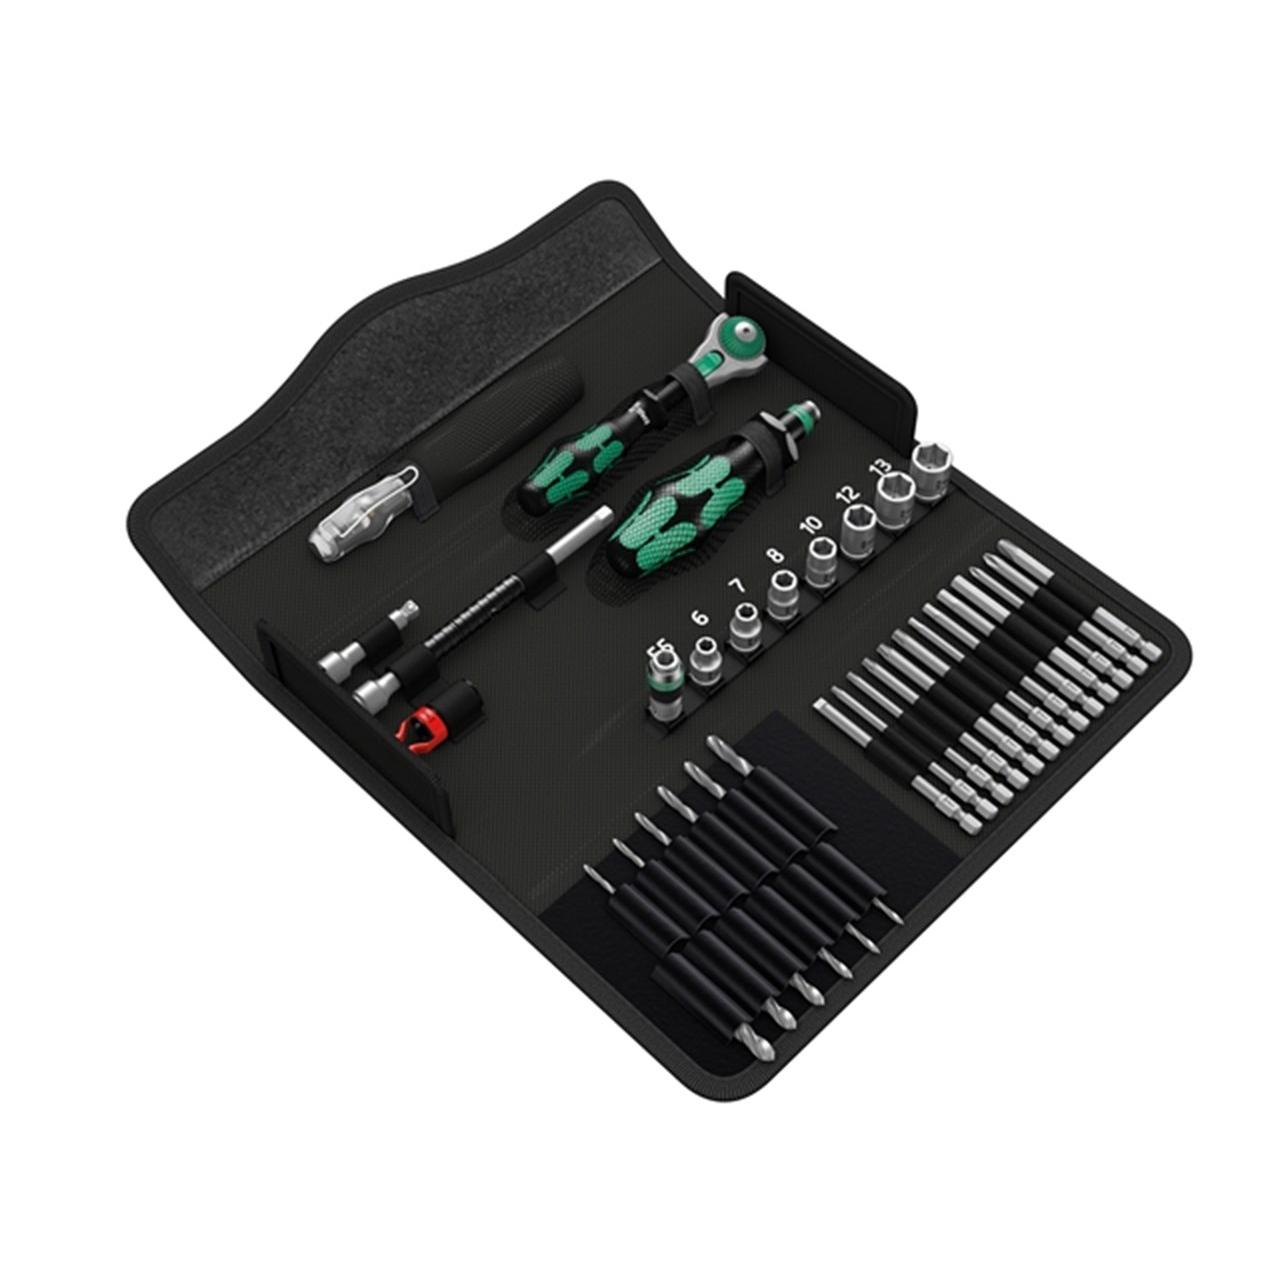 Набор Kraftform Kompakt M1 для работы по металлу WERA 05135928001